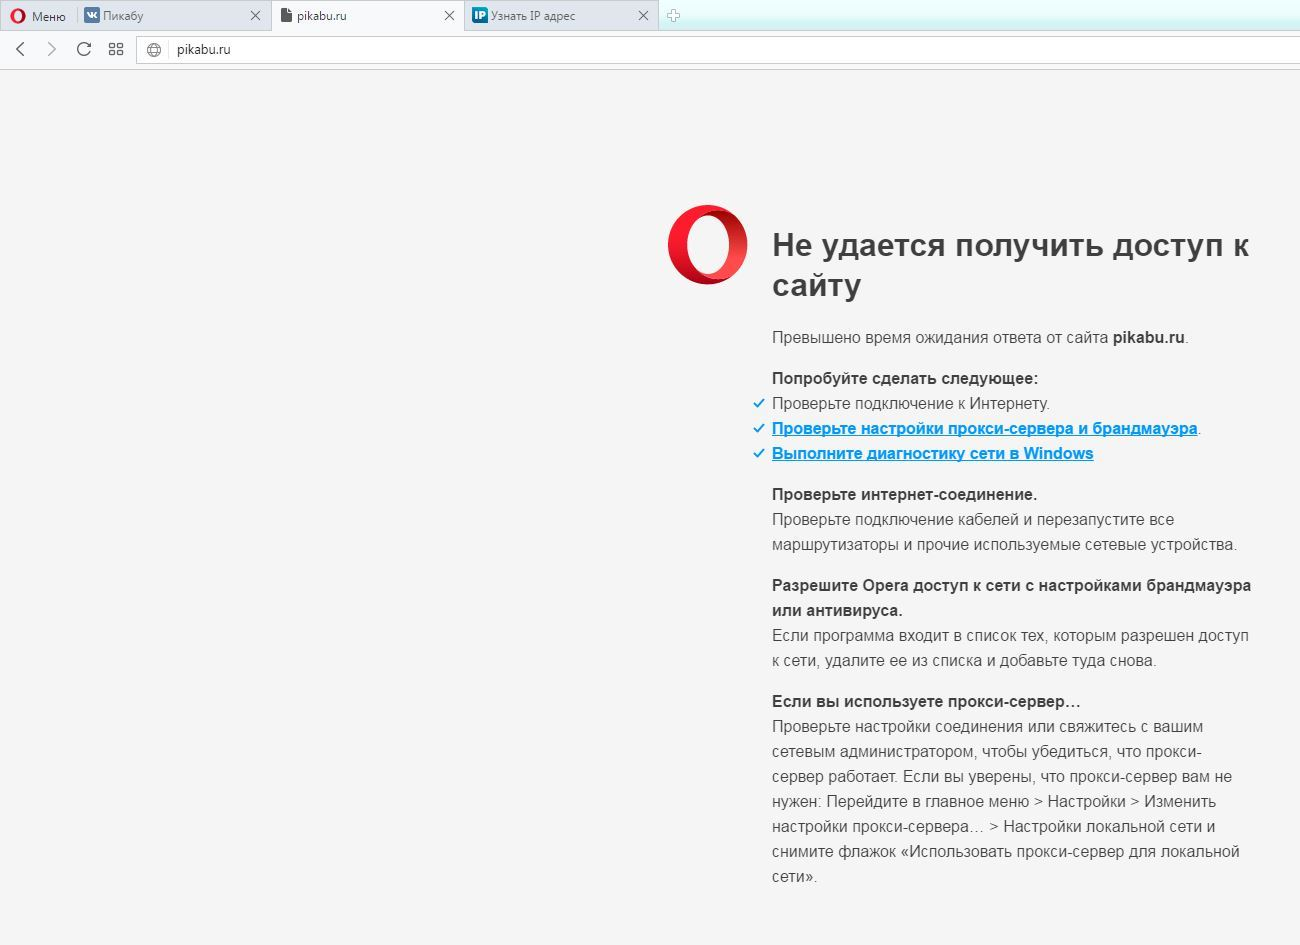 Не могу загрузить сайт на хостинг как сделать редирект на другой сайт на хостинге